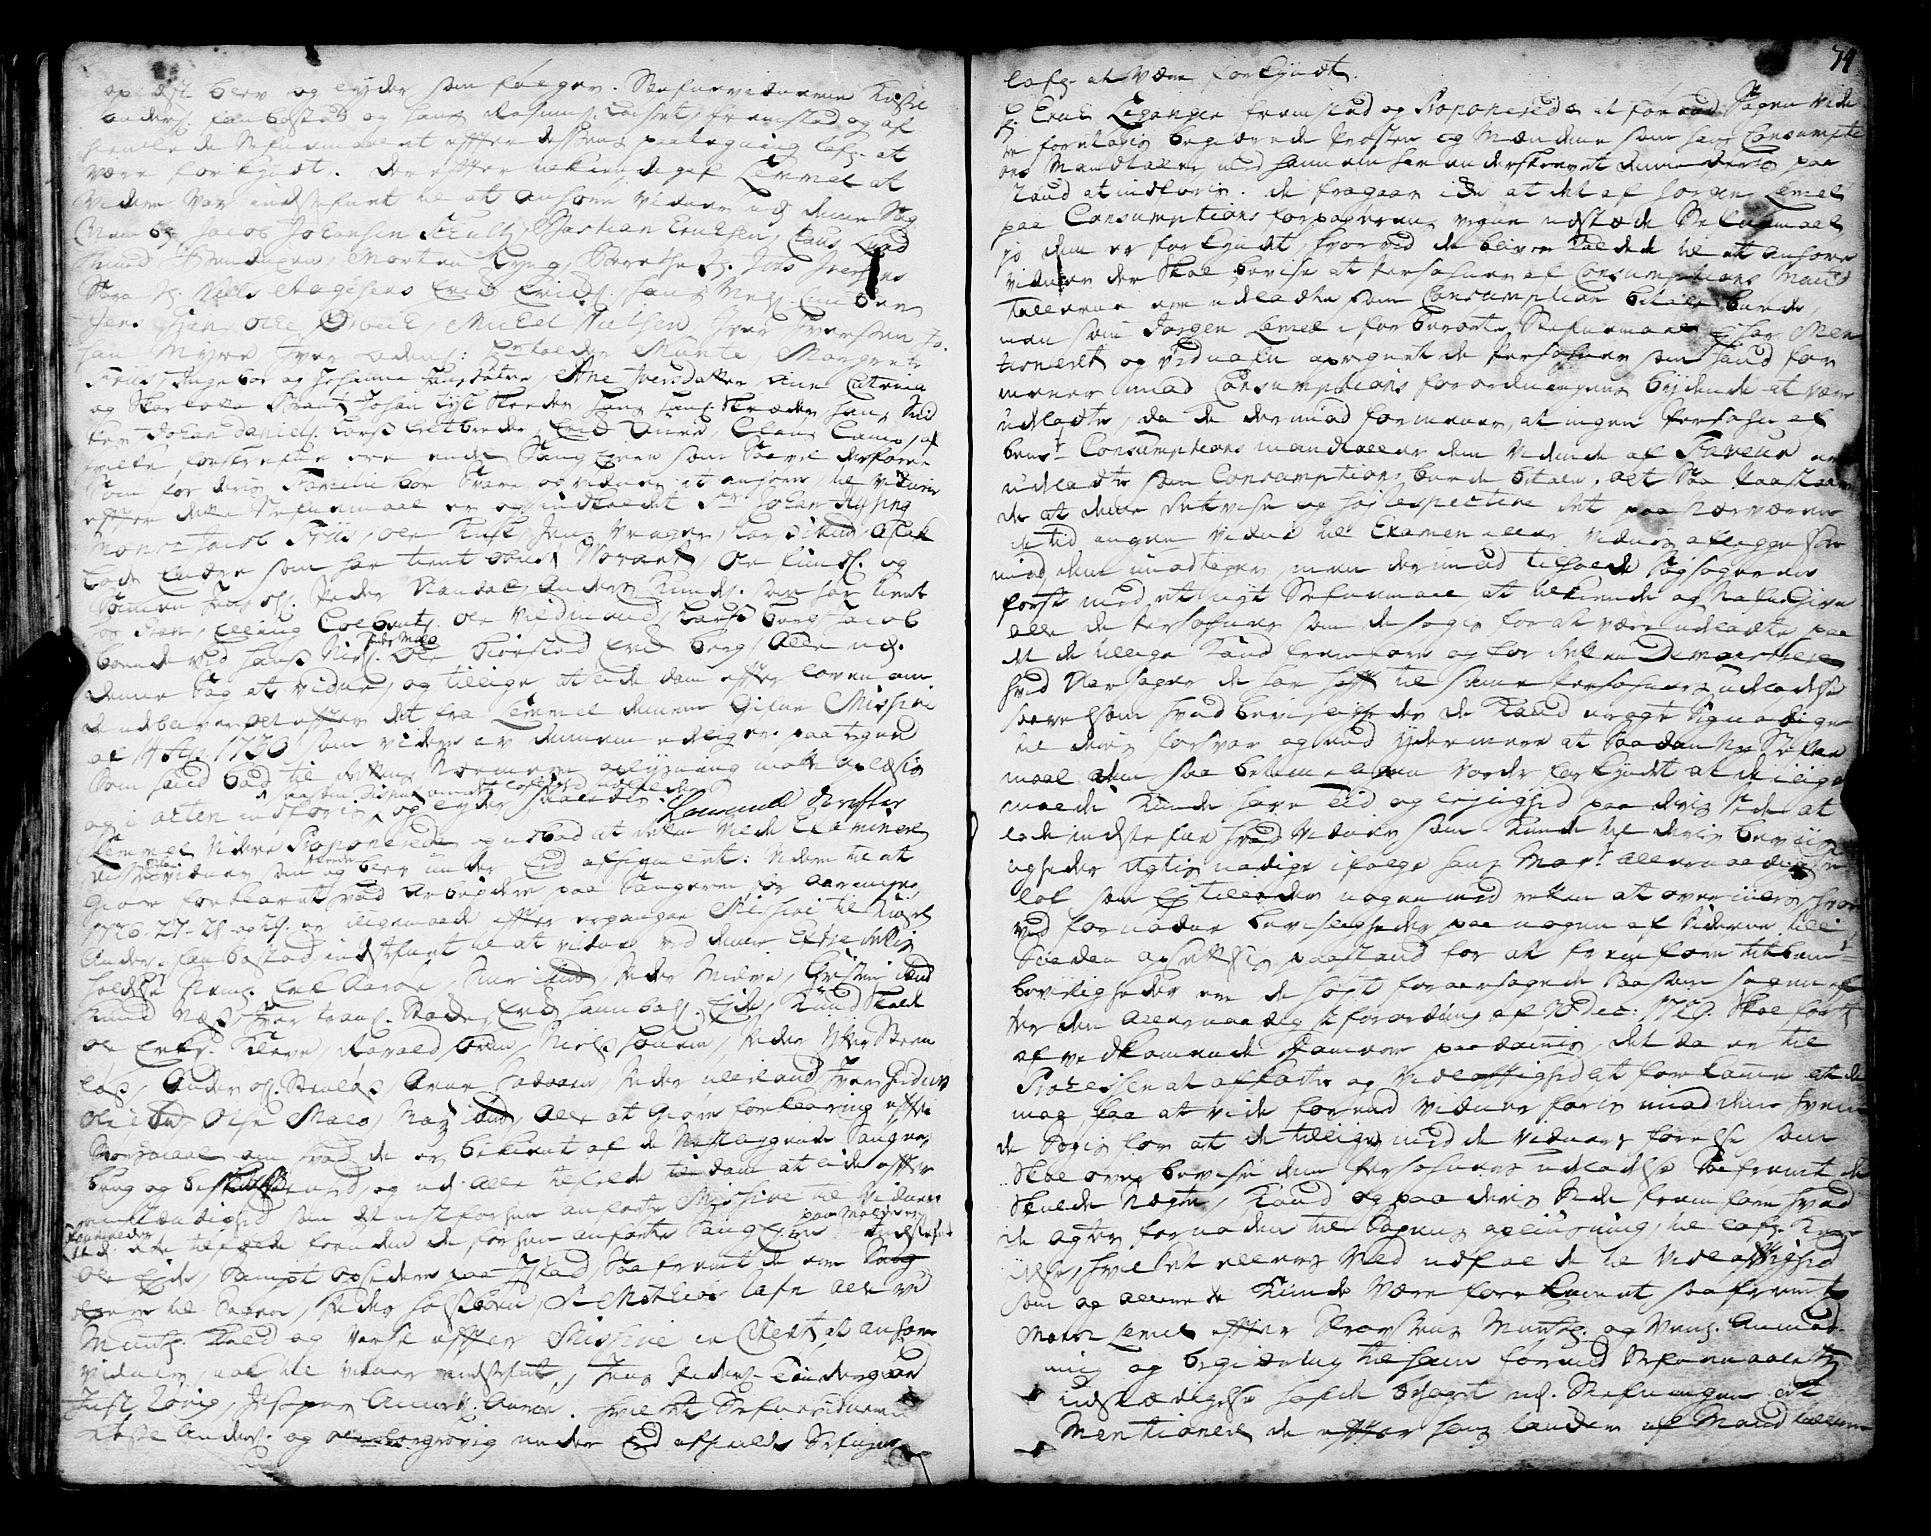 SAT, Romsdal sorenskriveri, 1/1A/L0010: Tingbok, 1728-1732, s. 74